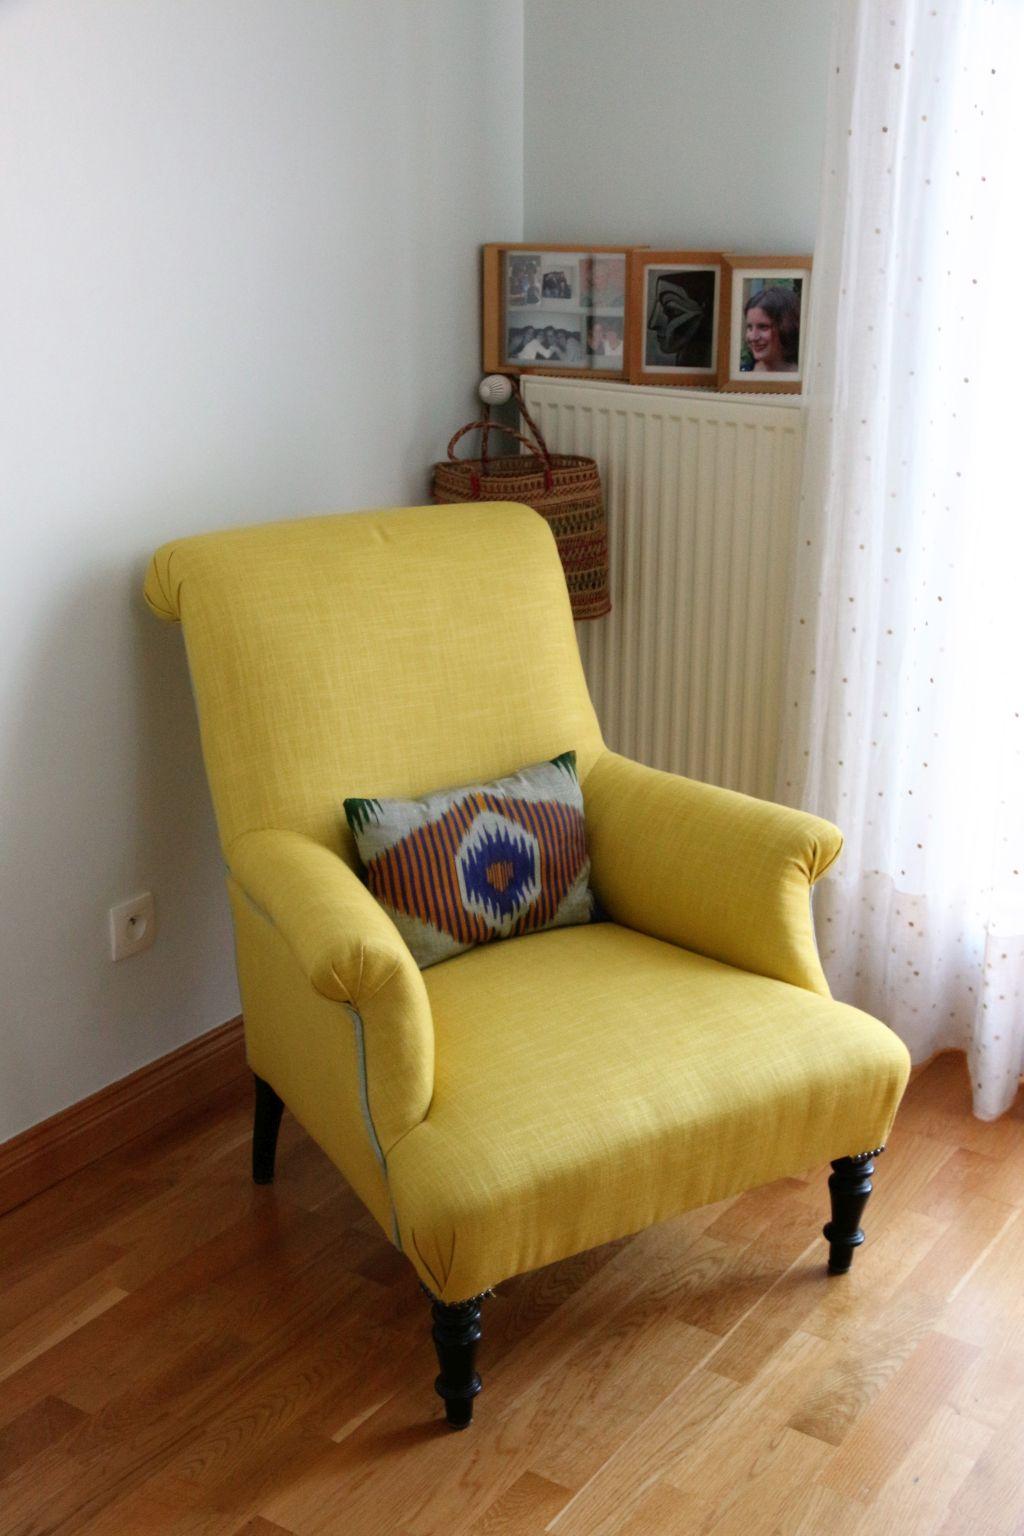 fauteuil jaune retapiss chocolat et vieilles dentelles. Black Bedroom Furniture Sets. Home Design Ideas